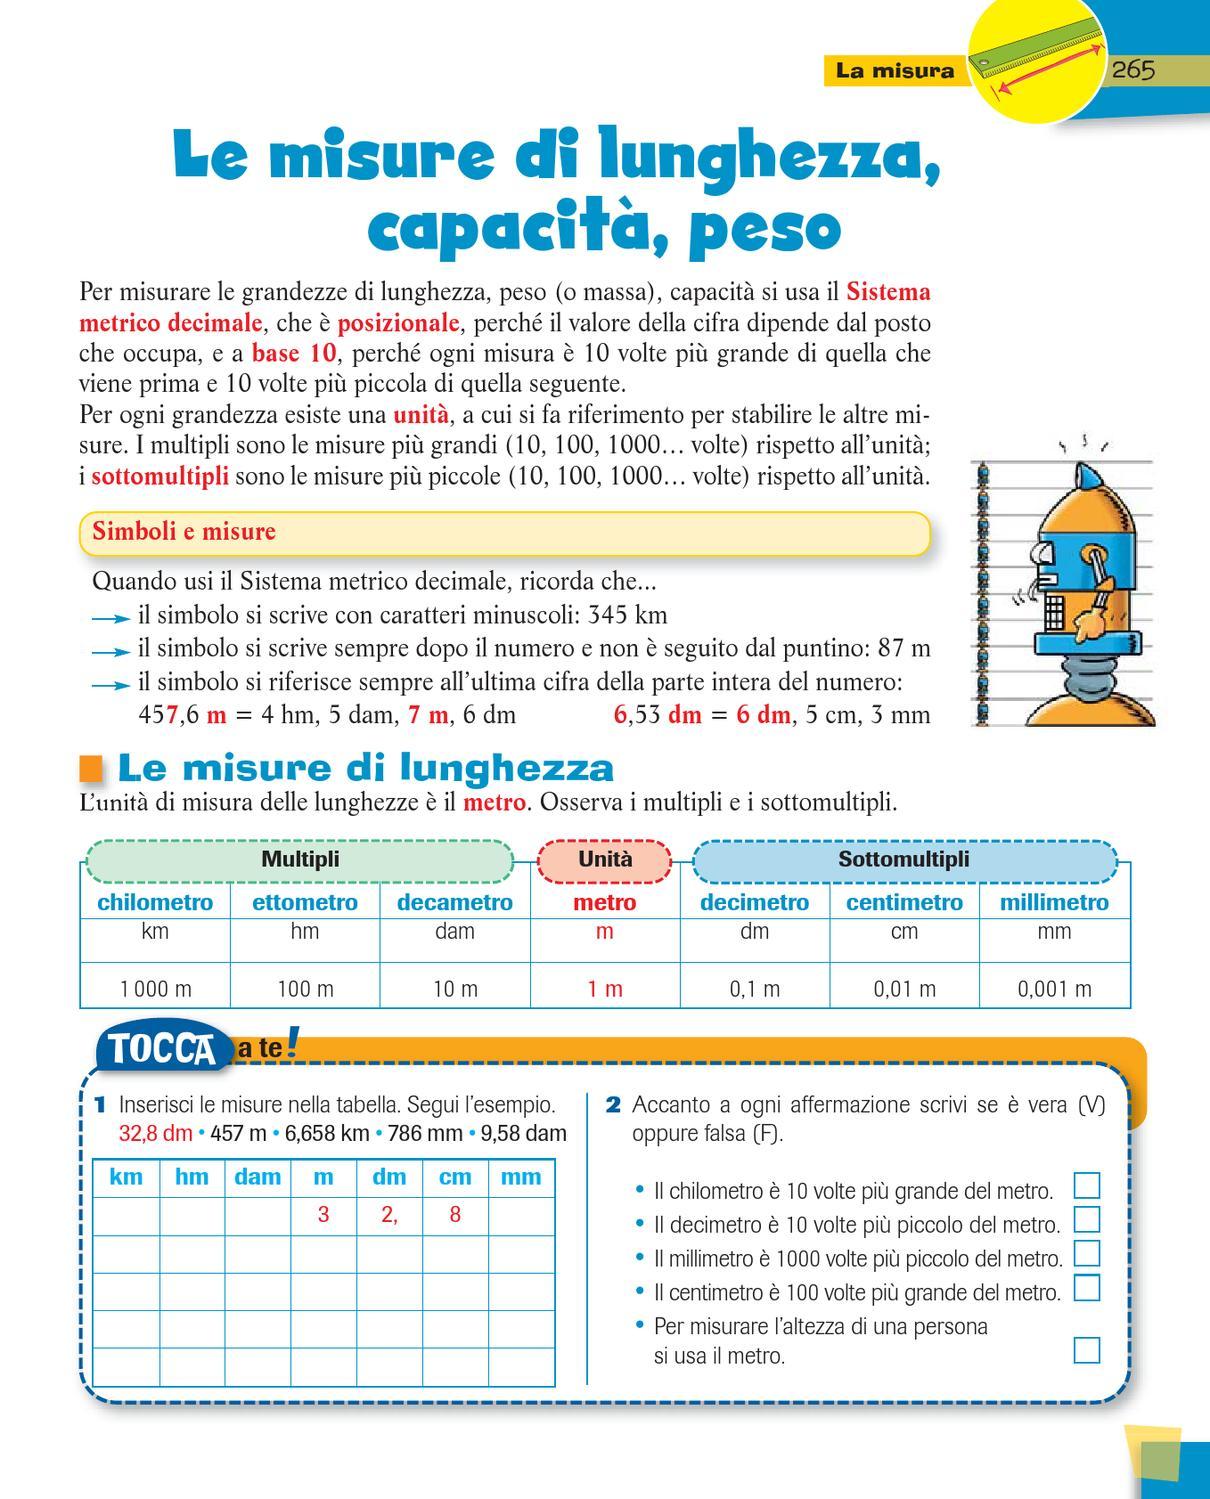 Big bang by elvira ussia issuu for Unita di capacita per condensatori elettrici